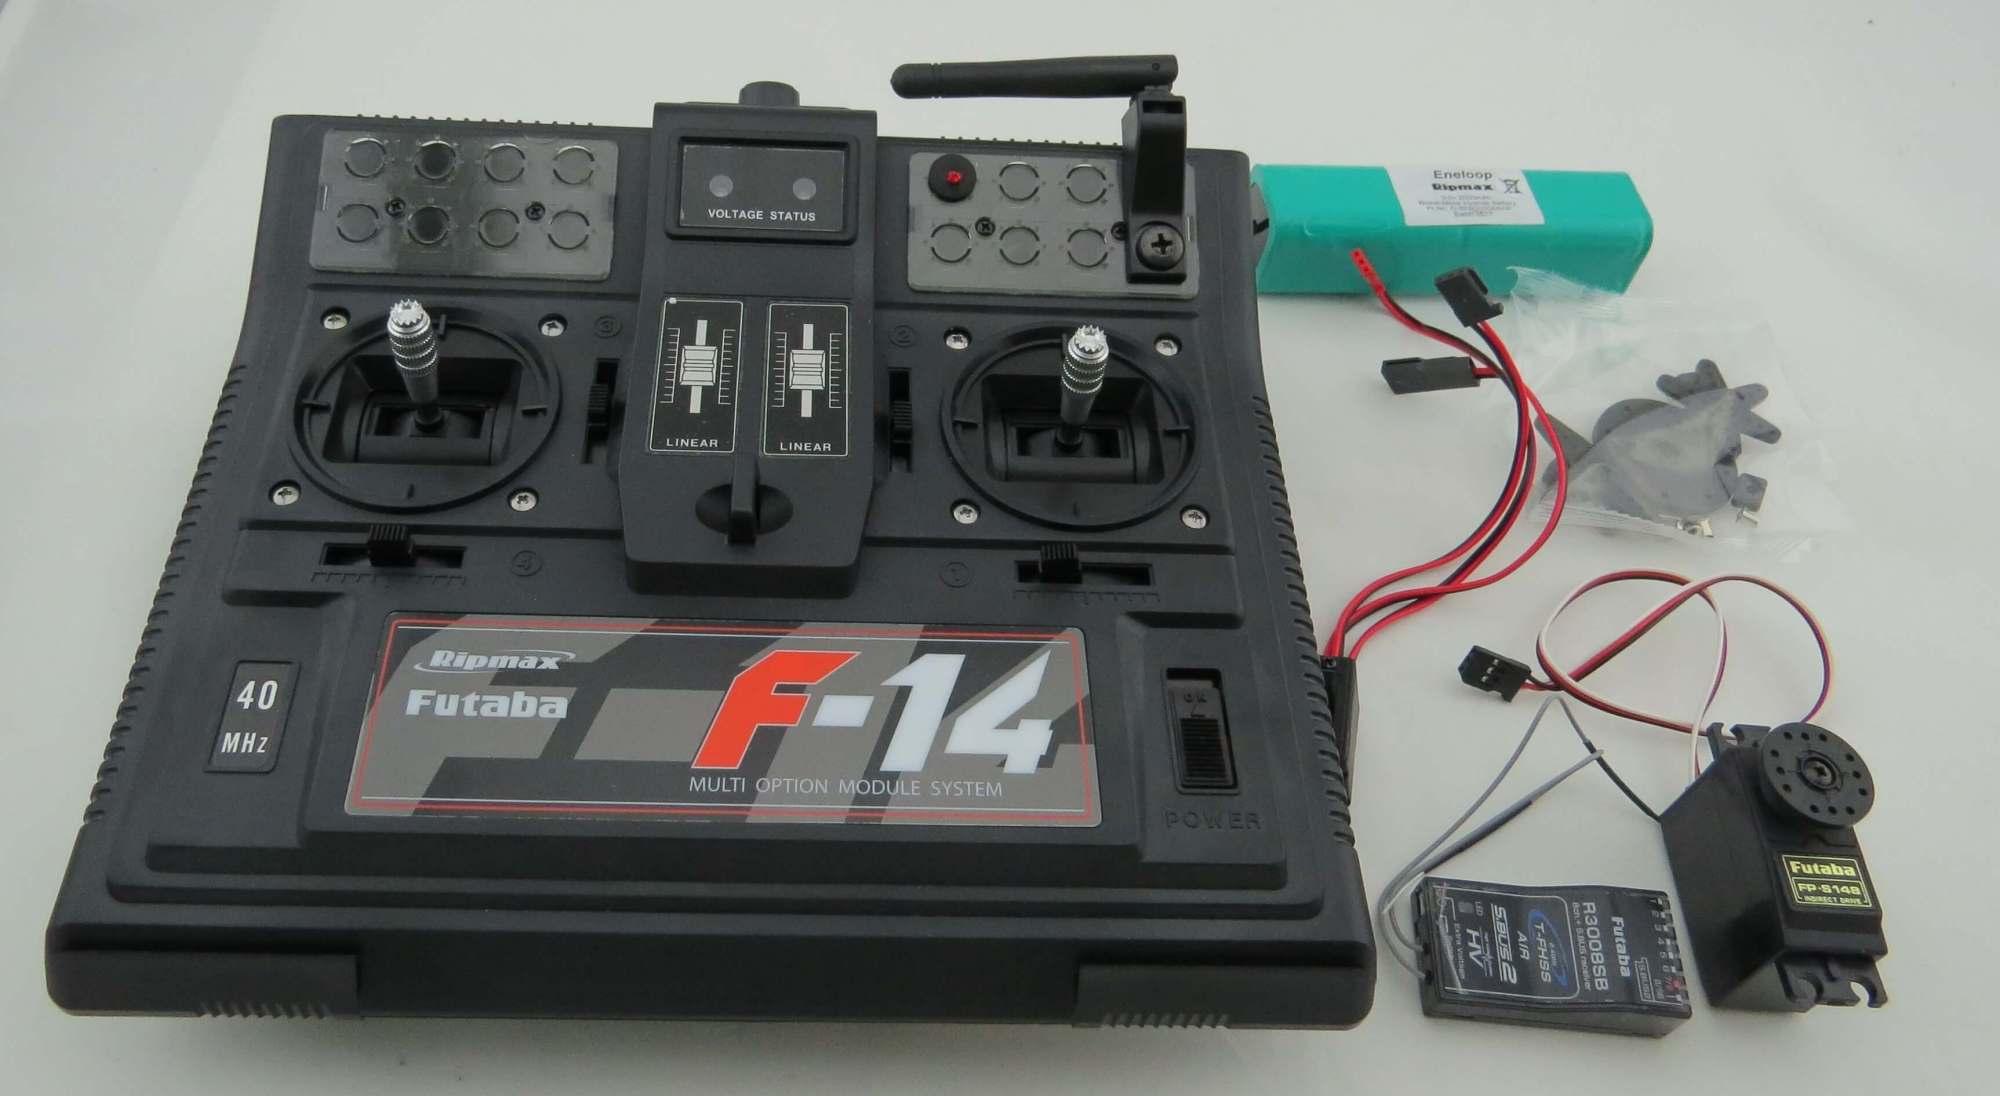 hight resolution of futaba remote control set f 14 p cbf14n24g 2 4ghz rc system fechtner modellbau shop